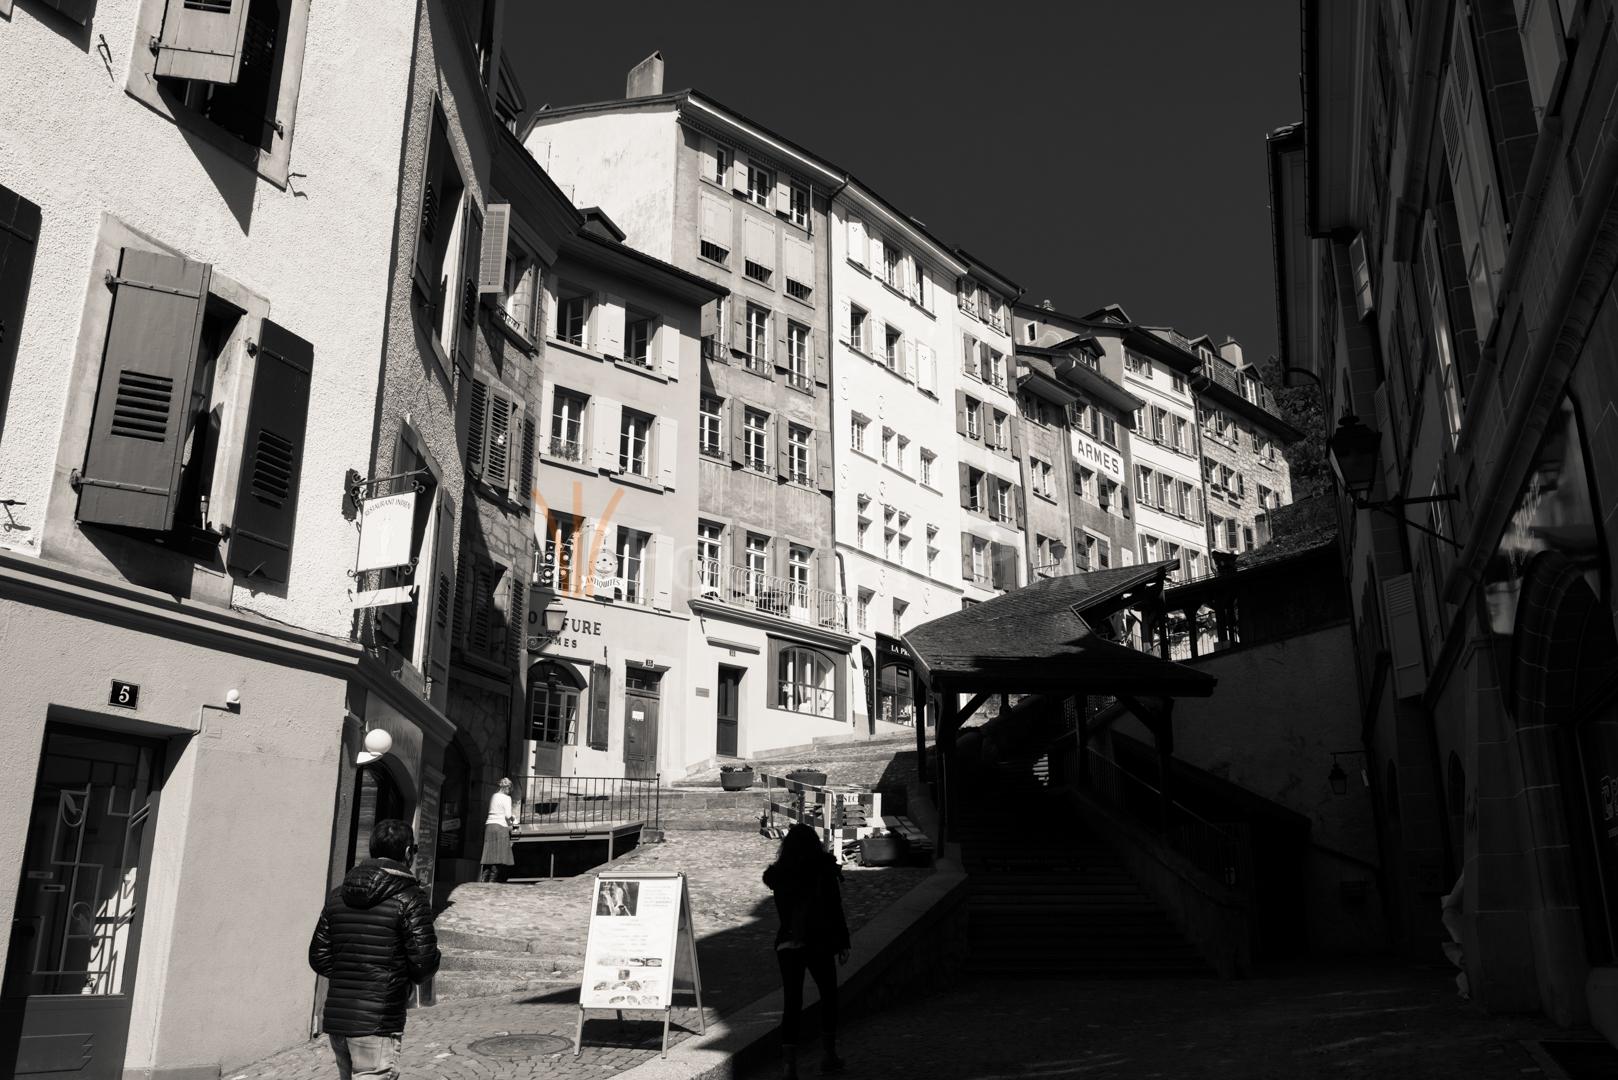 17 Escaliers du Marché